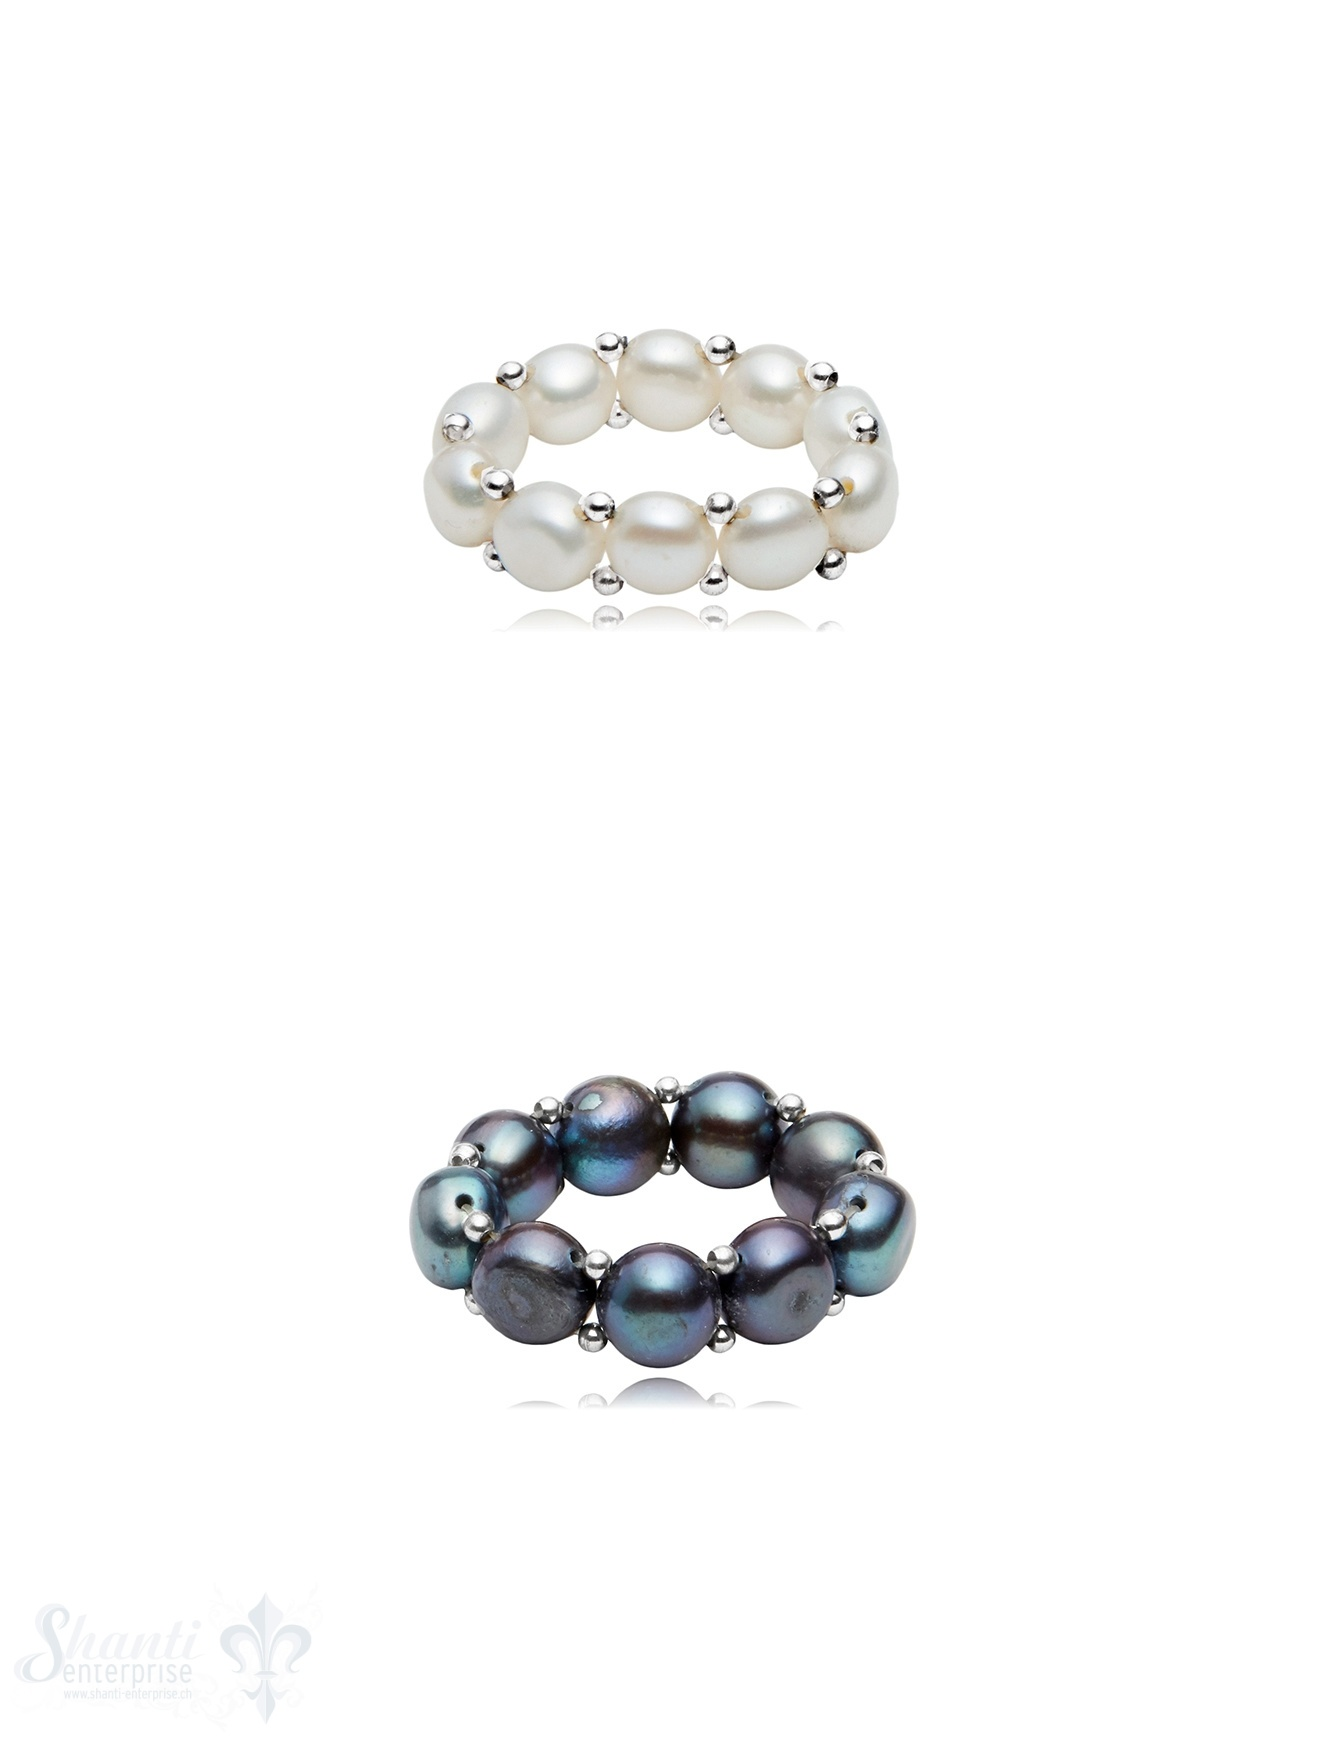 Perlenring mit Silberkugeln verziert auf auf Elastik 6.5 mm breit Silber 925